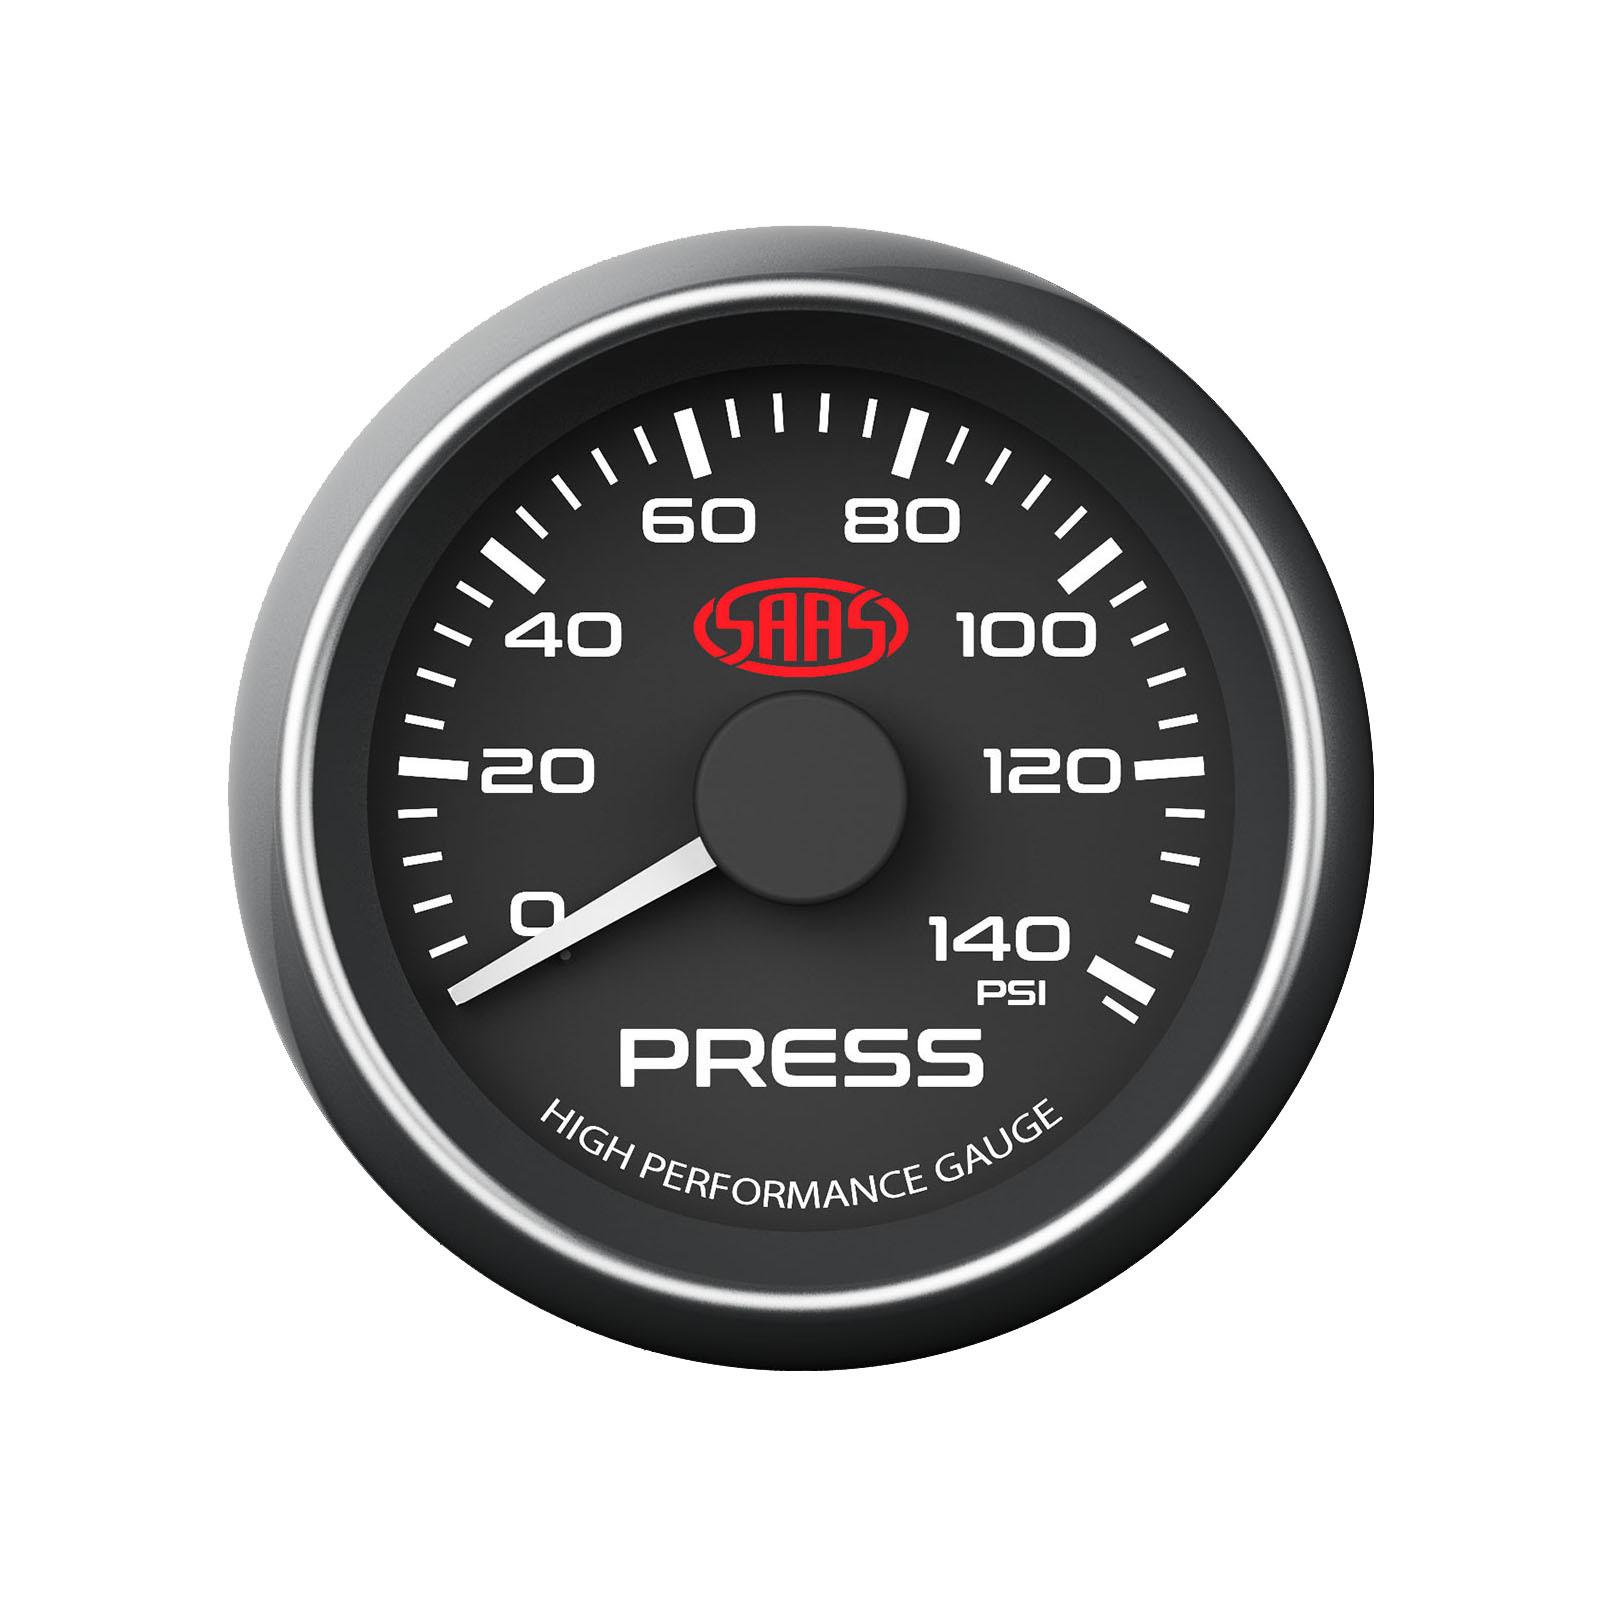 saas oil pressure gauge wiring diagram memory hierarchy 52mm black face including sender